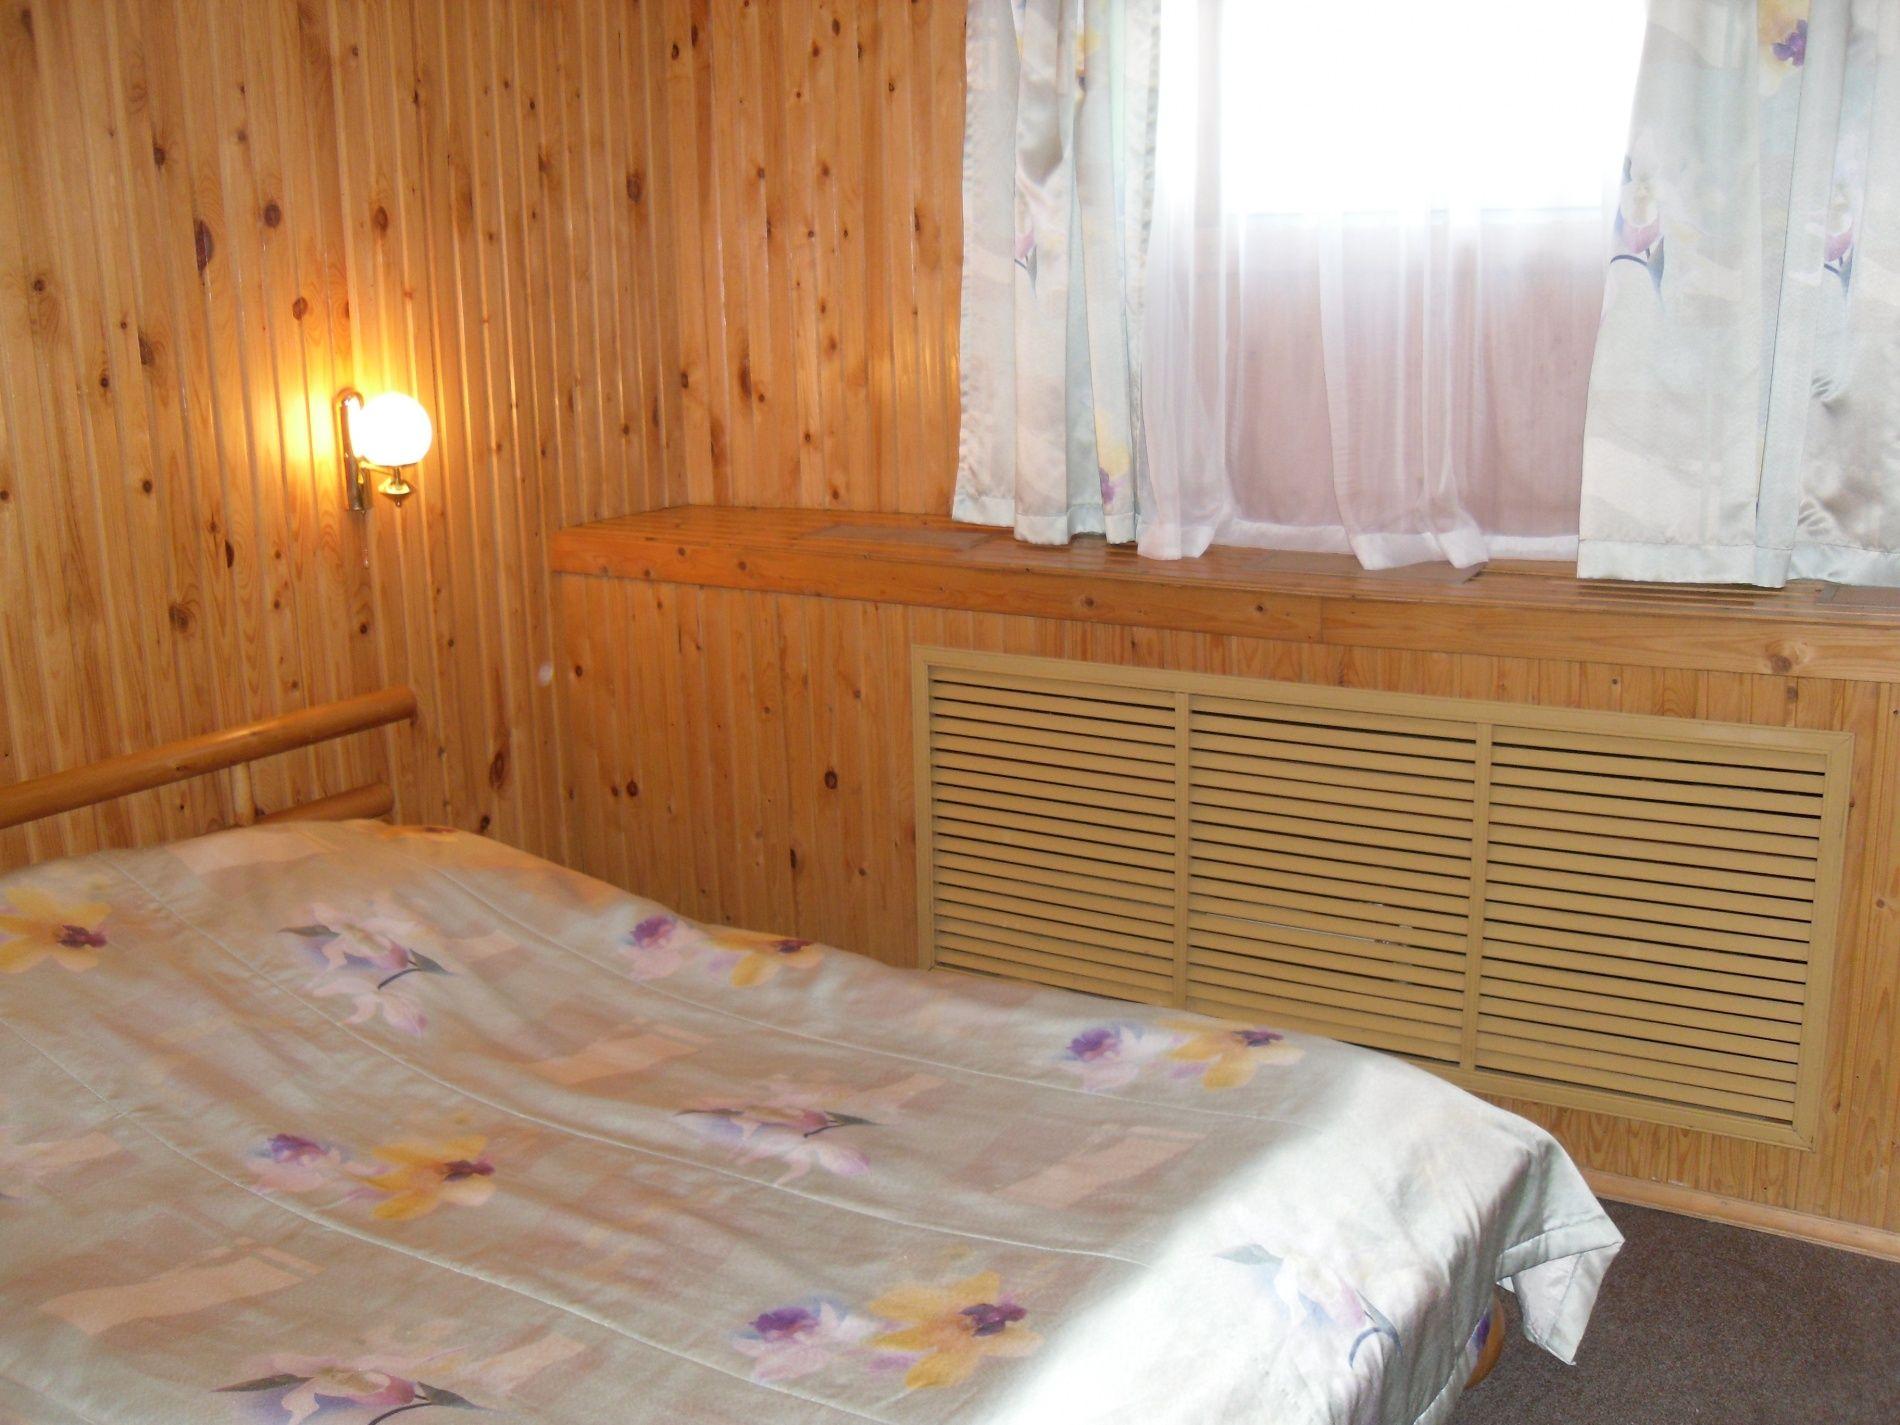 Туристический комплекс «Мирная Пристань» Ивановская область 2-комнатный номер 1 категории (№ 2, 5, 7), фото 1